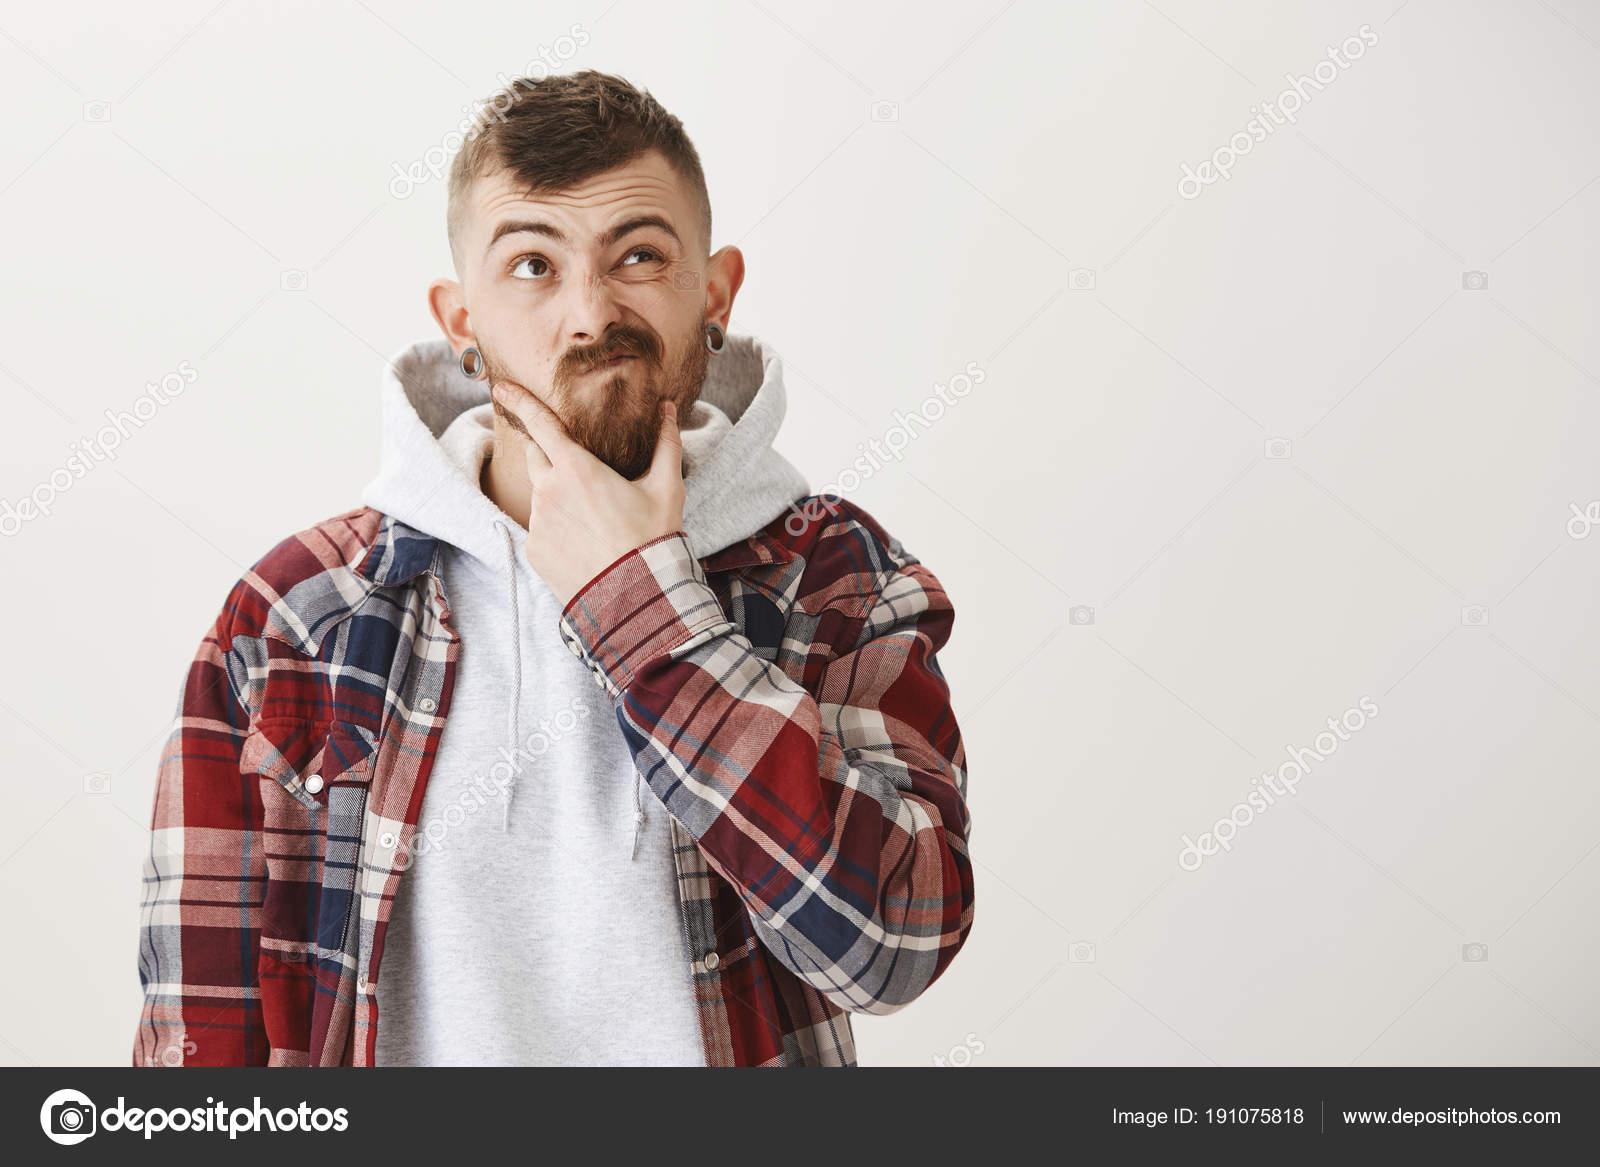 Как сделать выбор мужчины фото 117